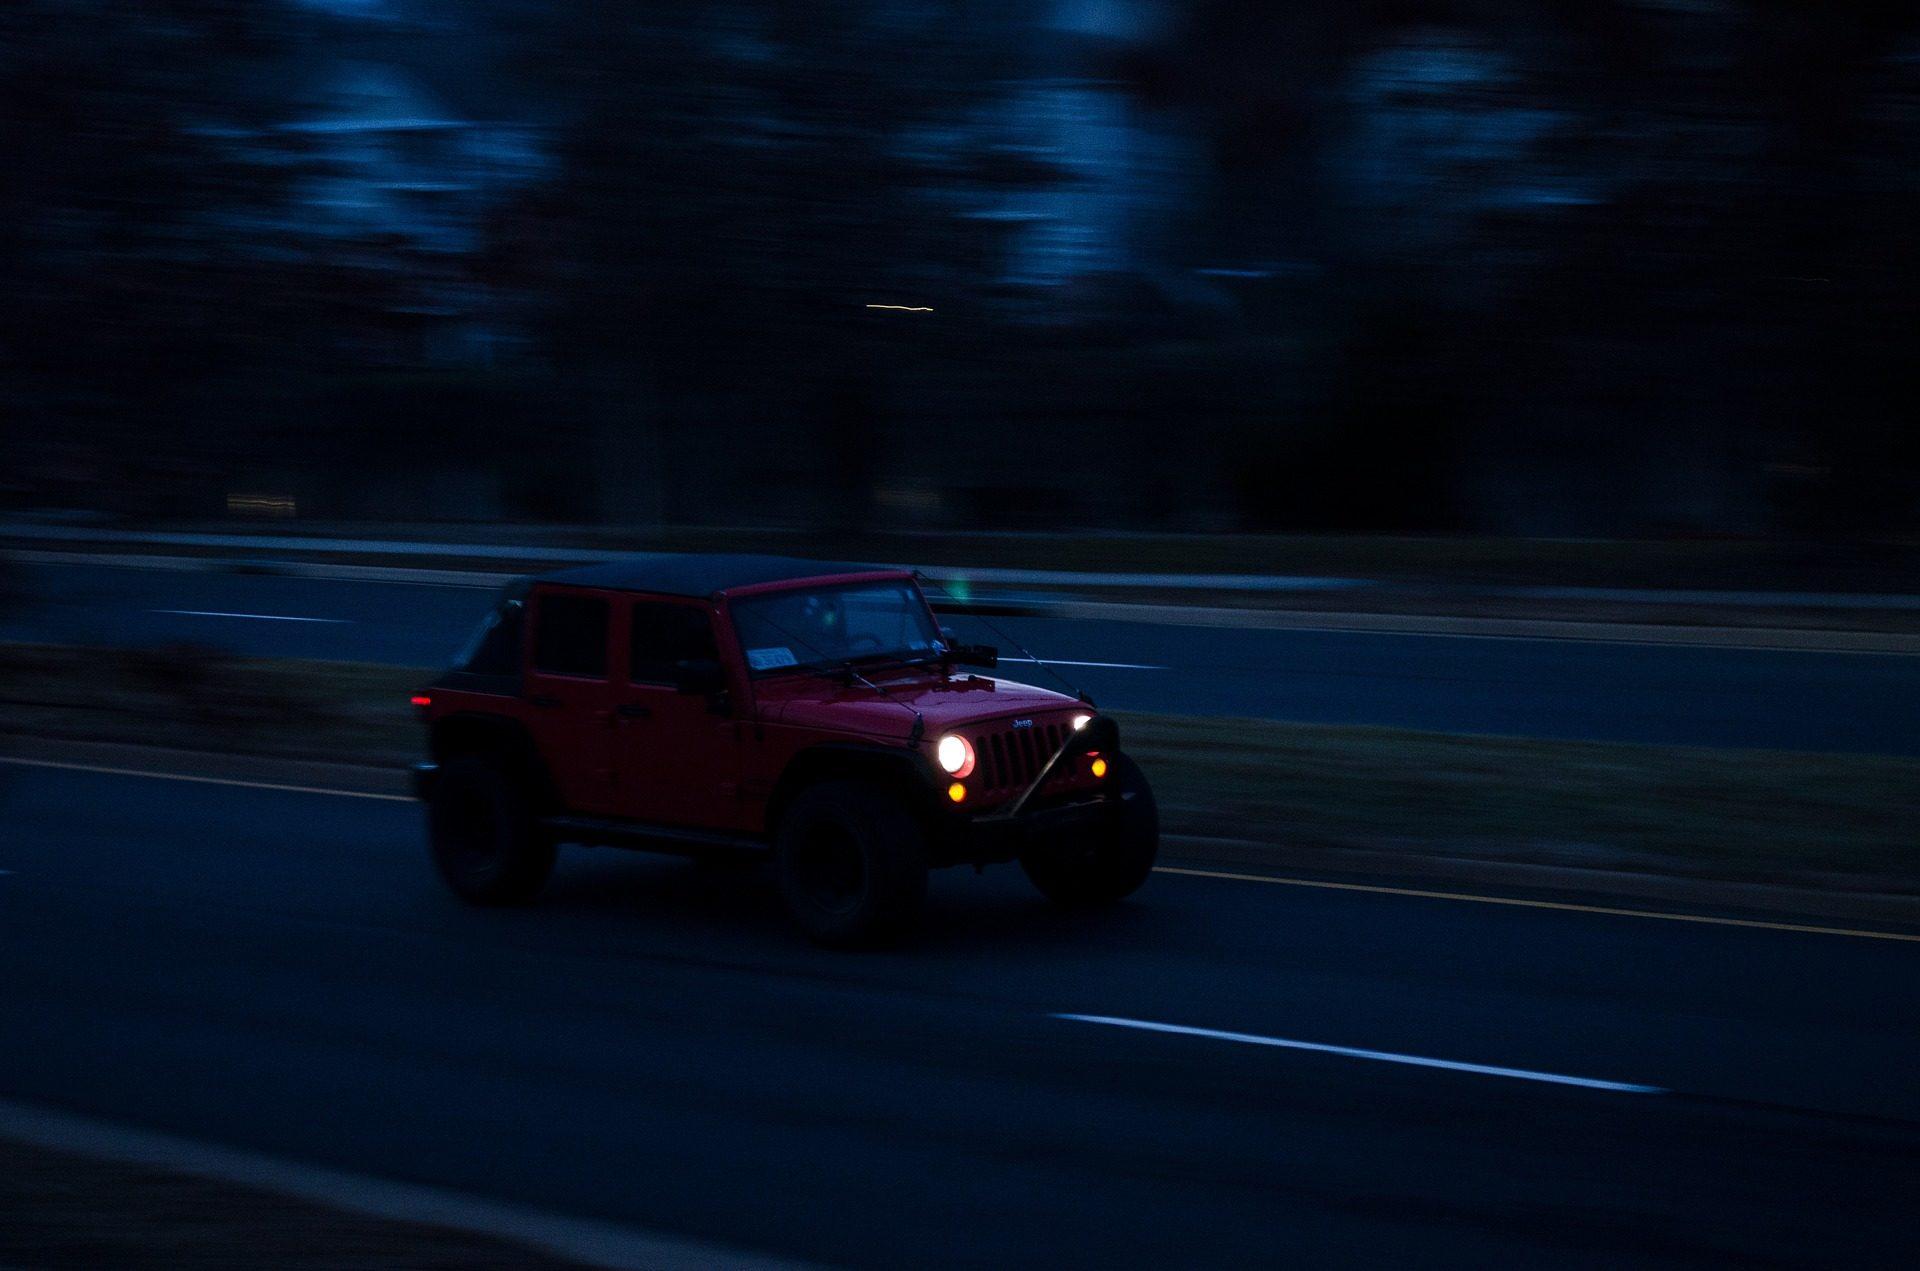 αυτοκίνητο, τζιπ, ταχύτητα, Δρόμου, σούρουπο, ασφάλτου - Wallpapers HD - Professor-falken.com